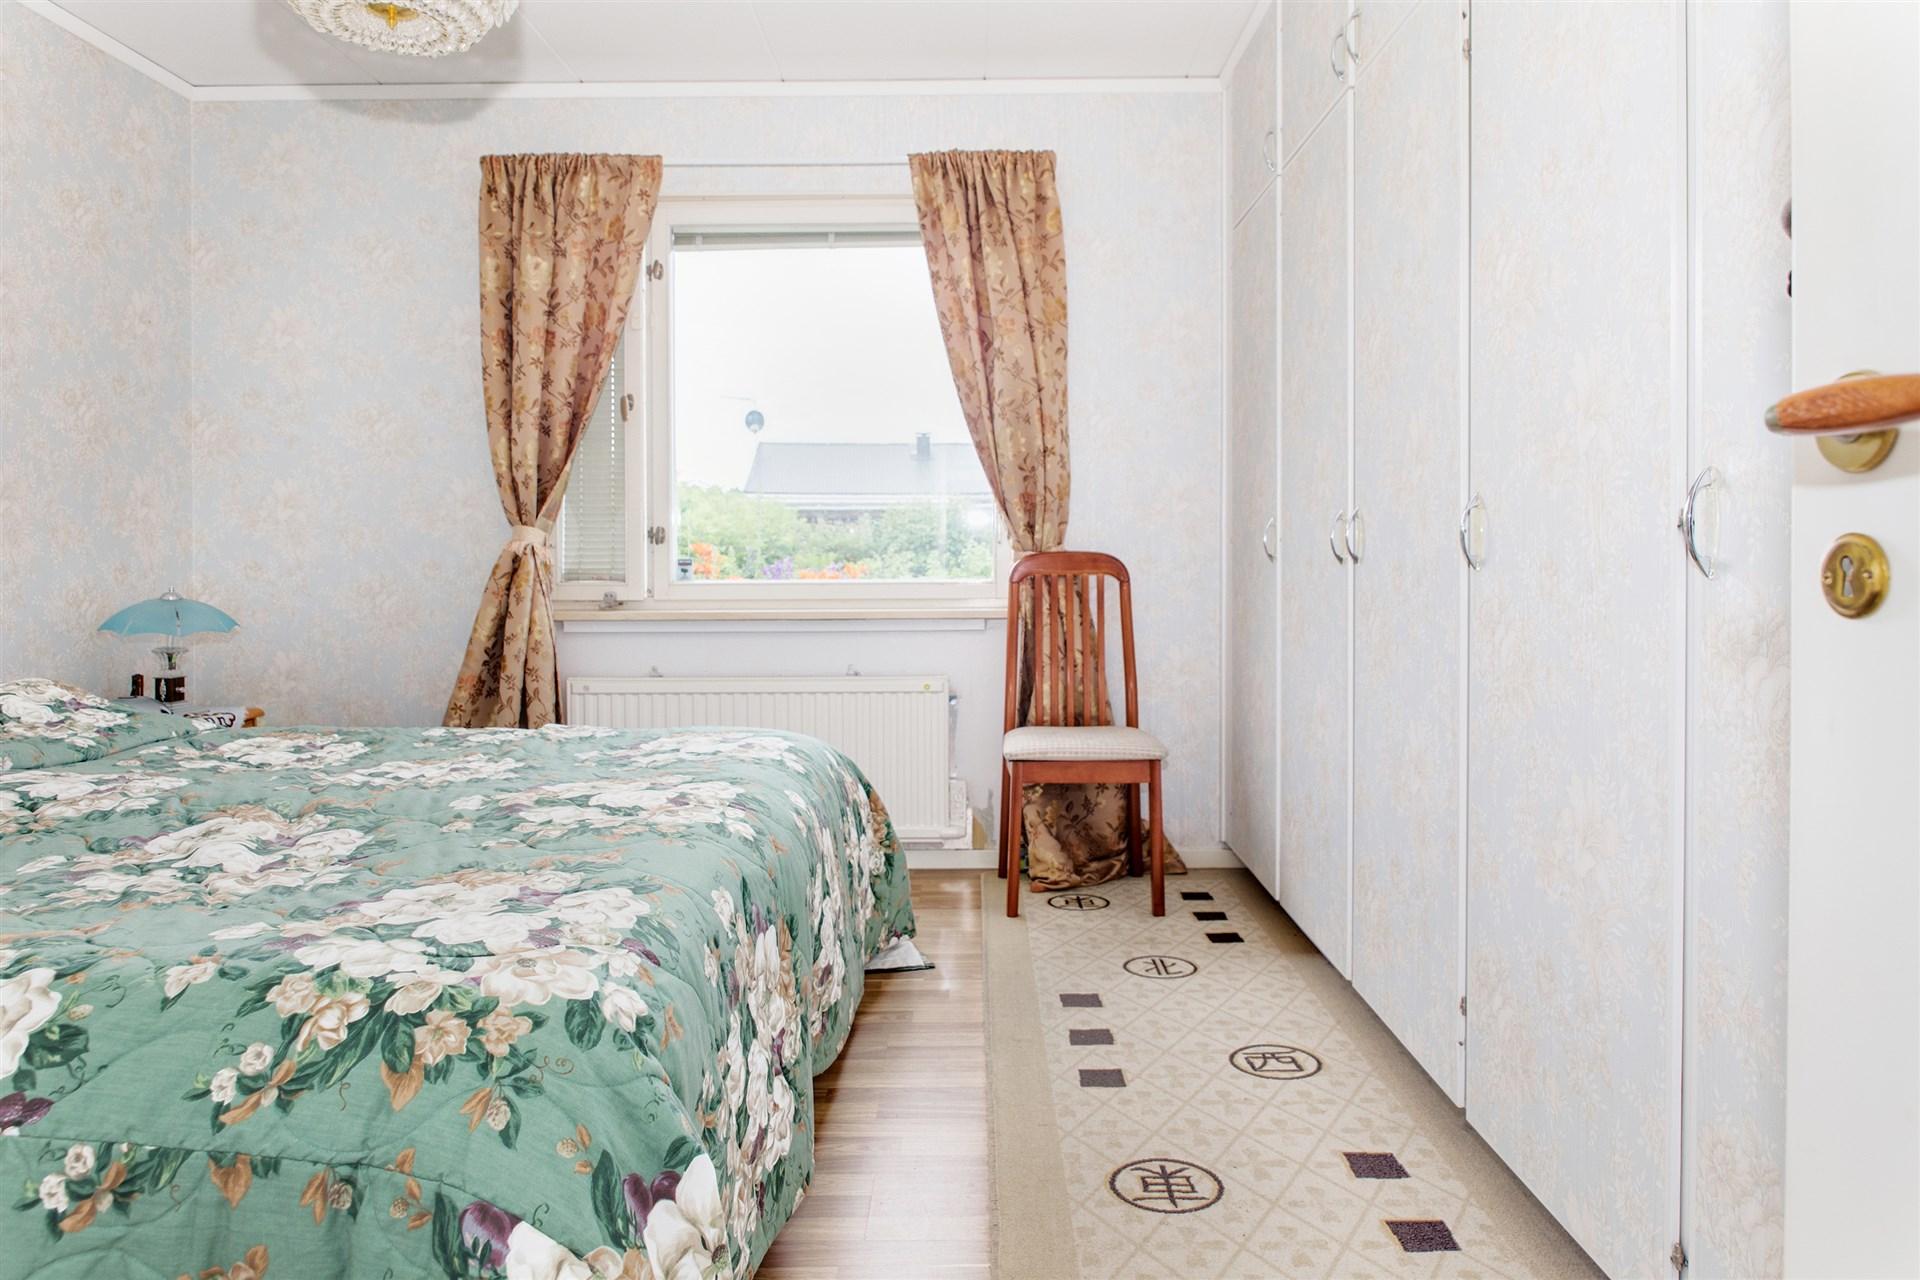 Sovrum innanför vardagsrum